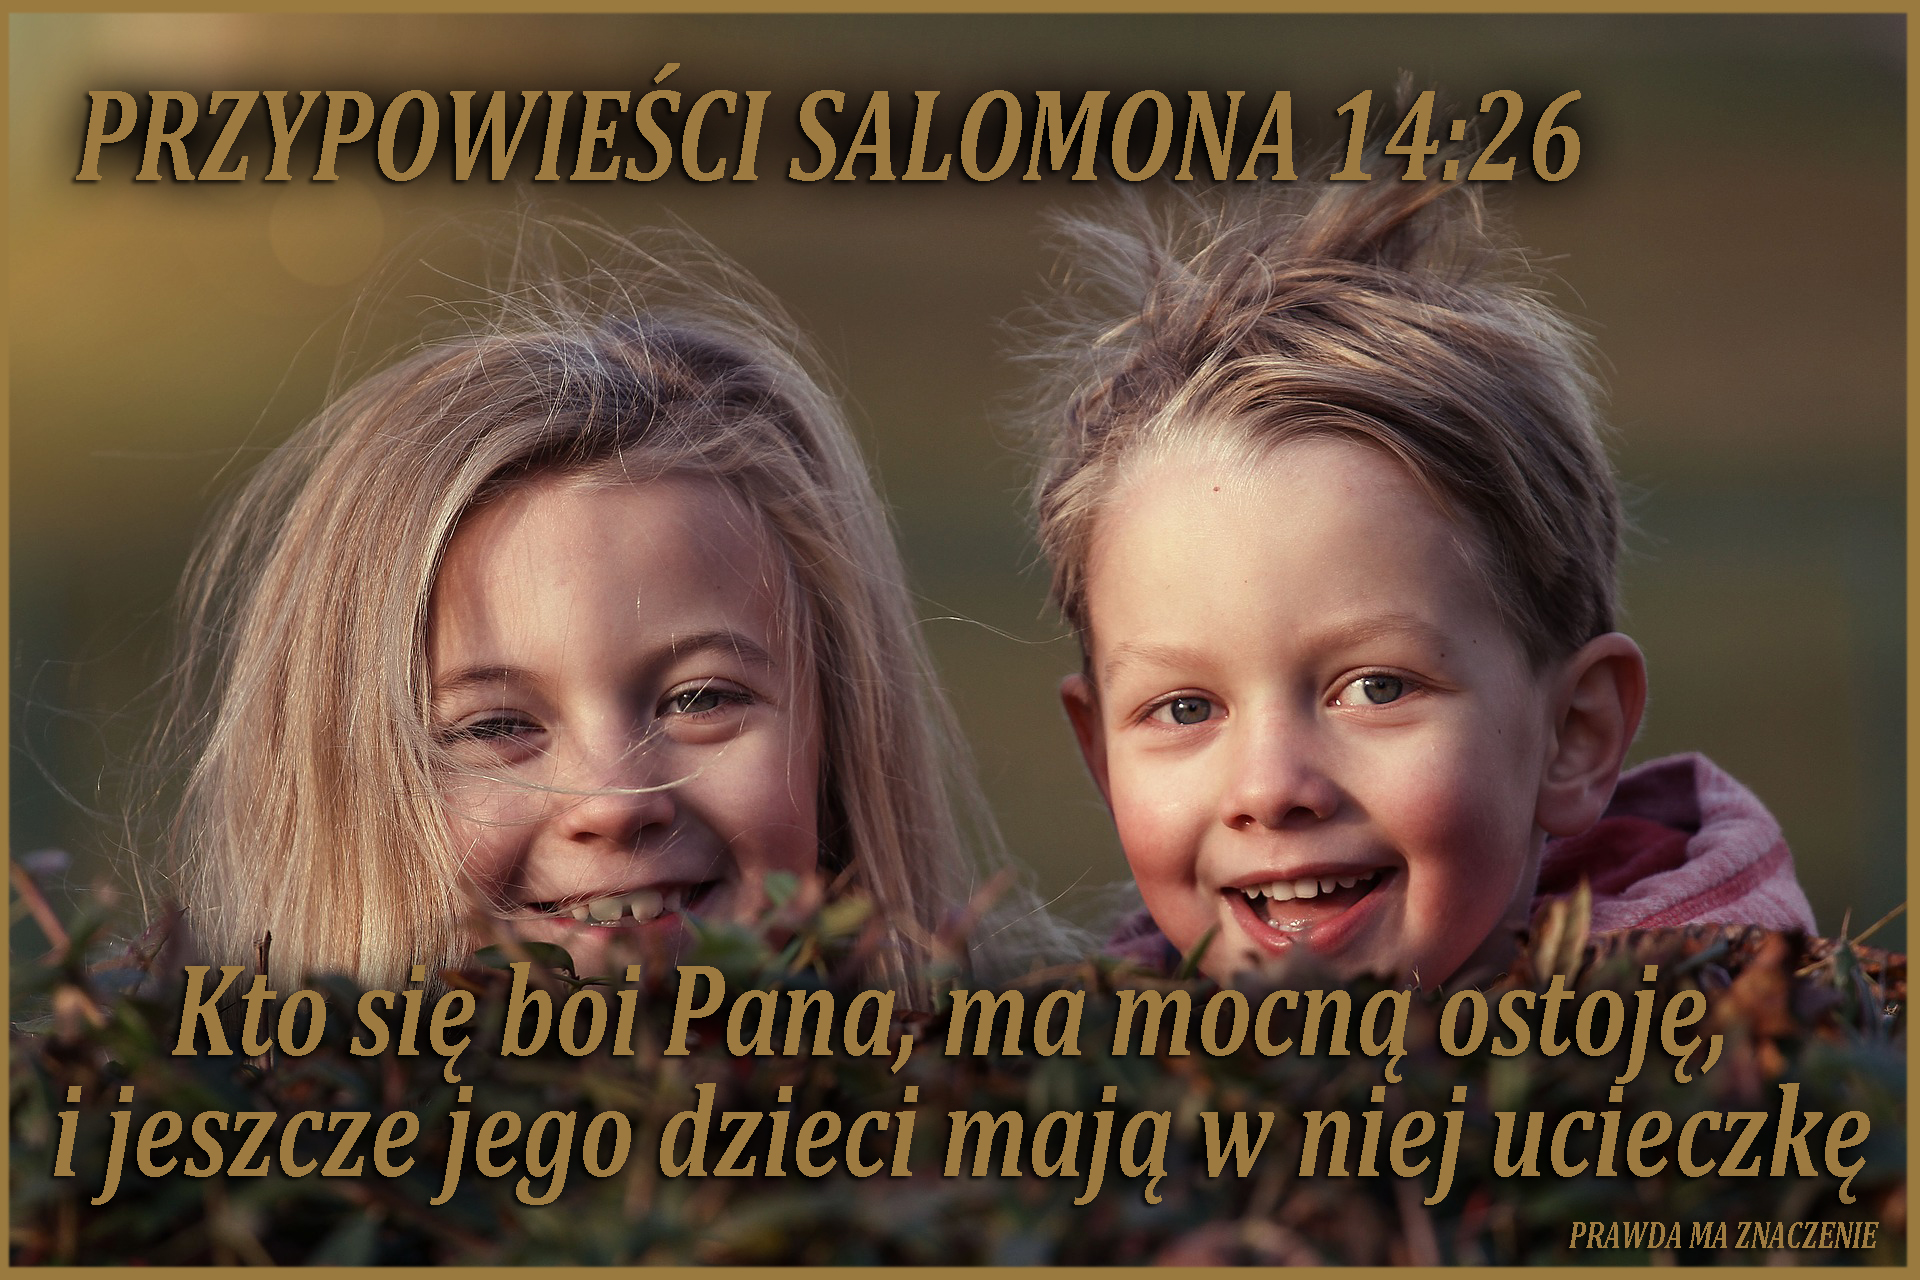 PRZYPOWIEŚCI_SALOMONA_14_26